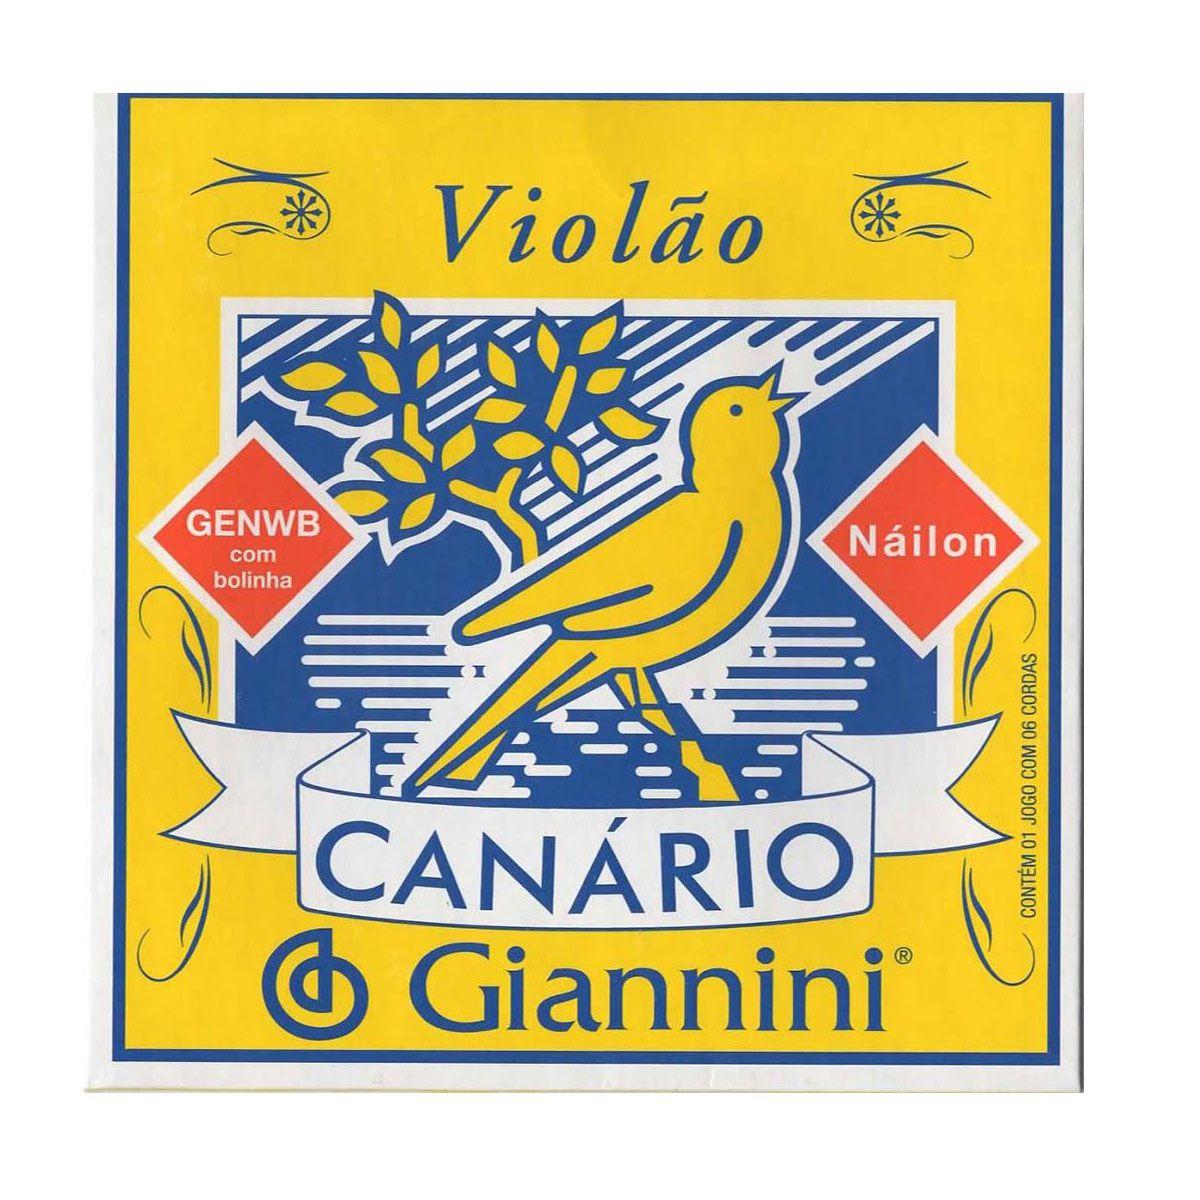 Encordoamento Giannini GENWB .028/.043 Canário Para Violão